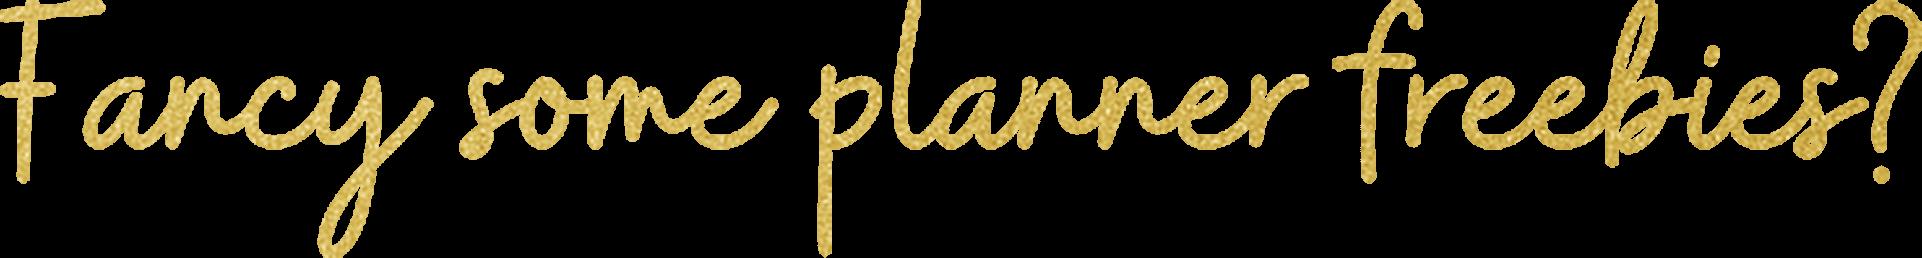 freebie planner, get free digital planner freebies, free digital stickers